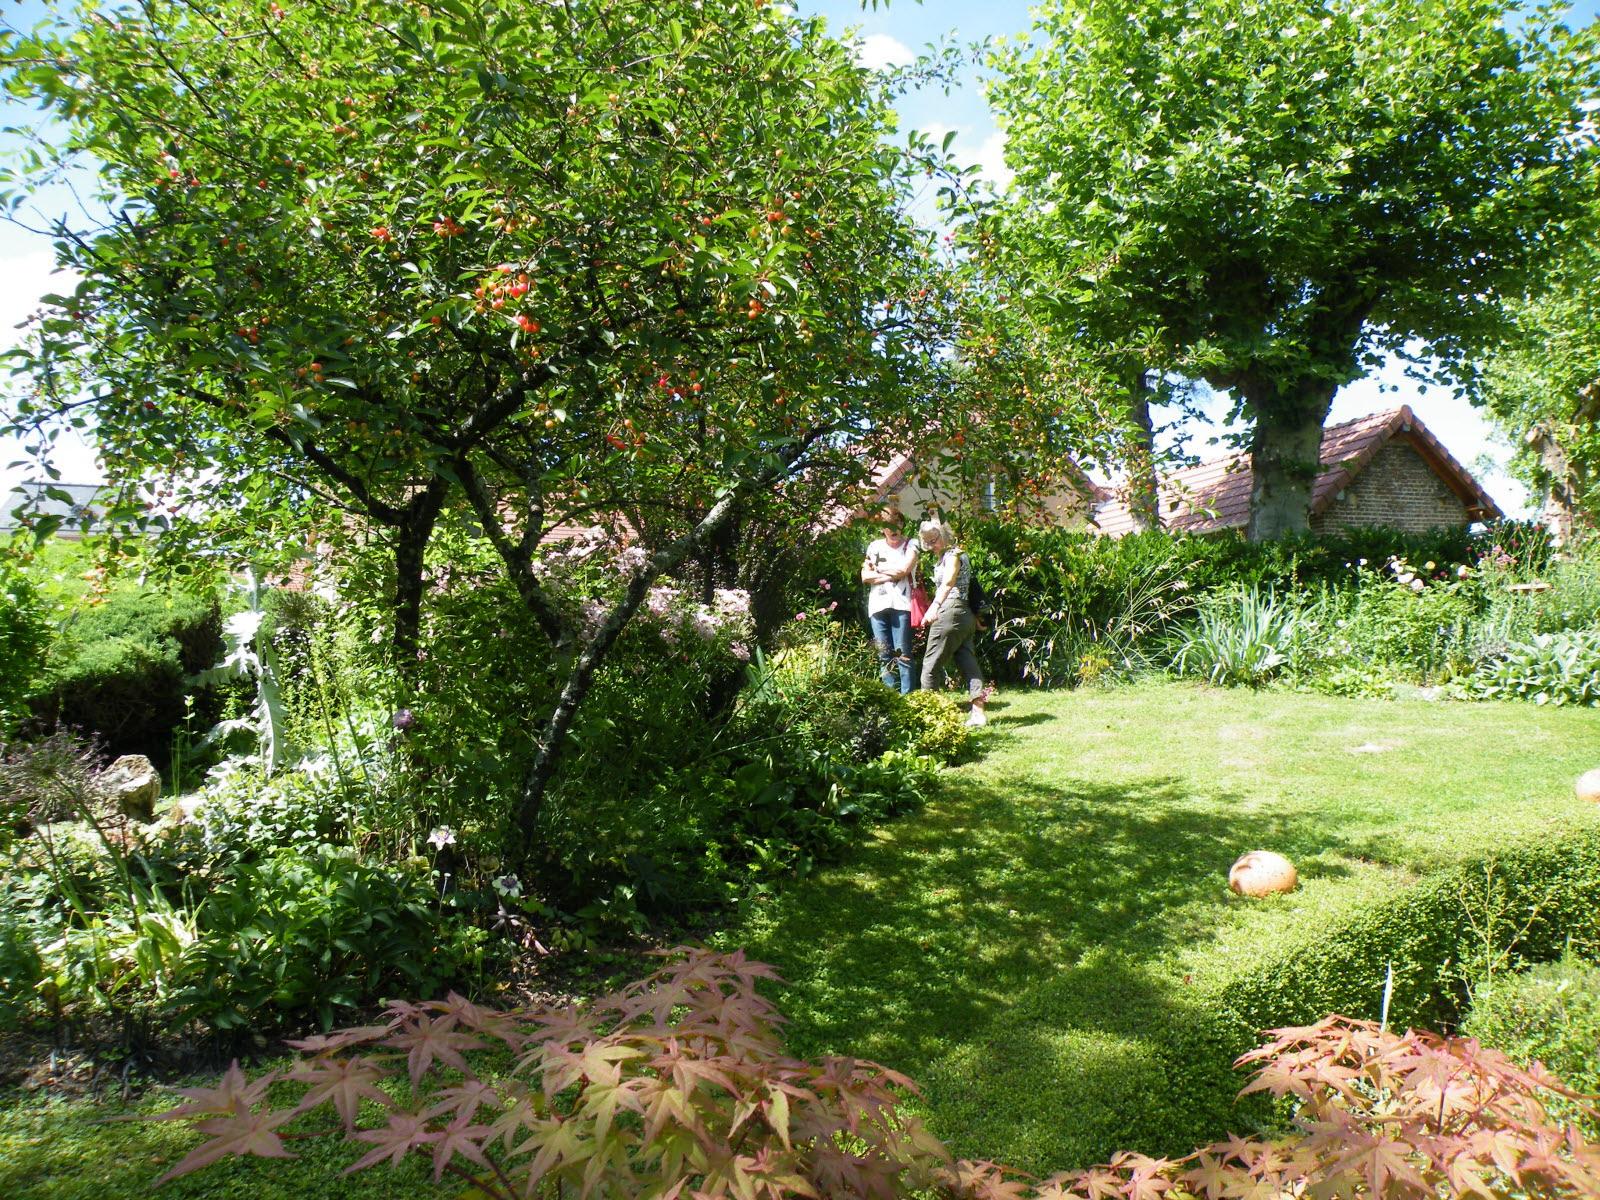 Louhans | Des Idées Pour Sortir En Bresse Ces Prochains Jours avec La Chaux Pour Le Jardin